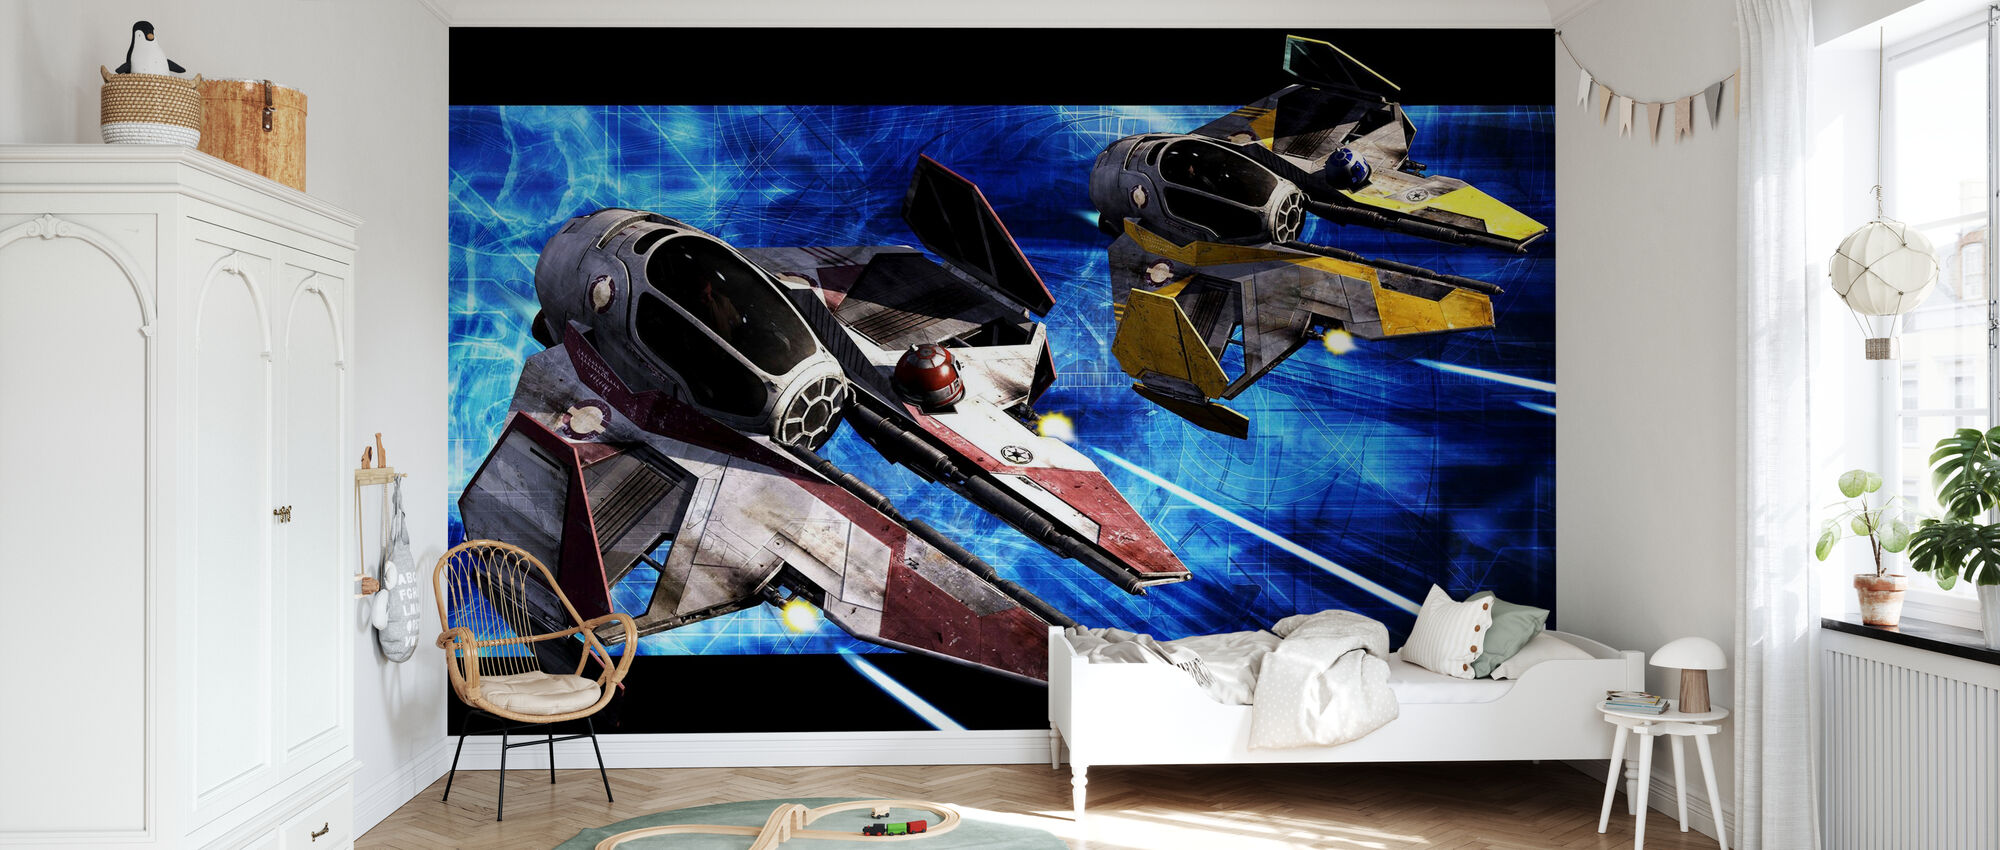 Star Wars - Starfighters Punainen ja keltainen - Tapetti - Lastenhuone